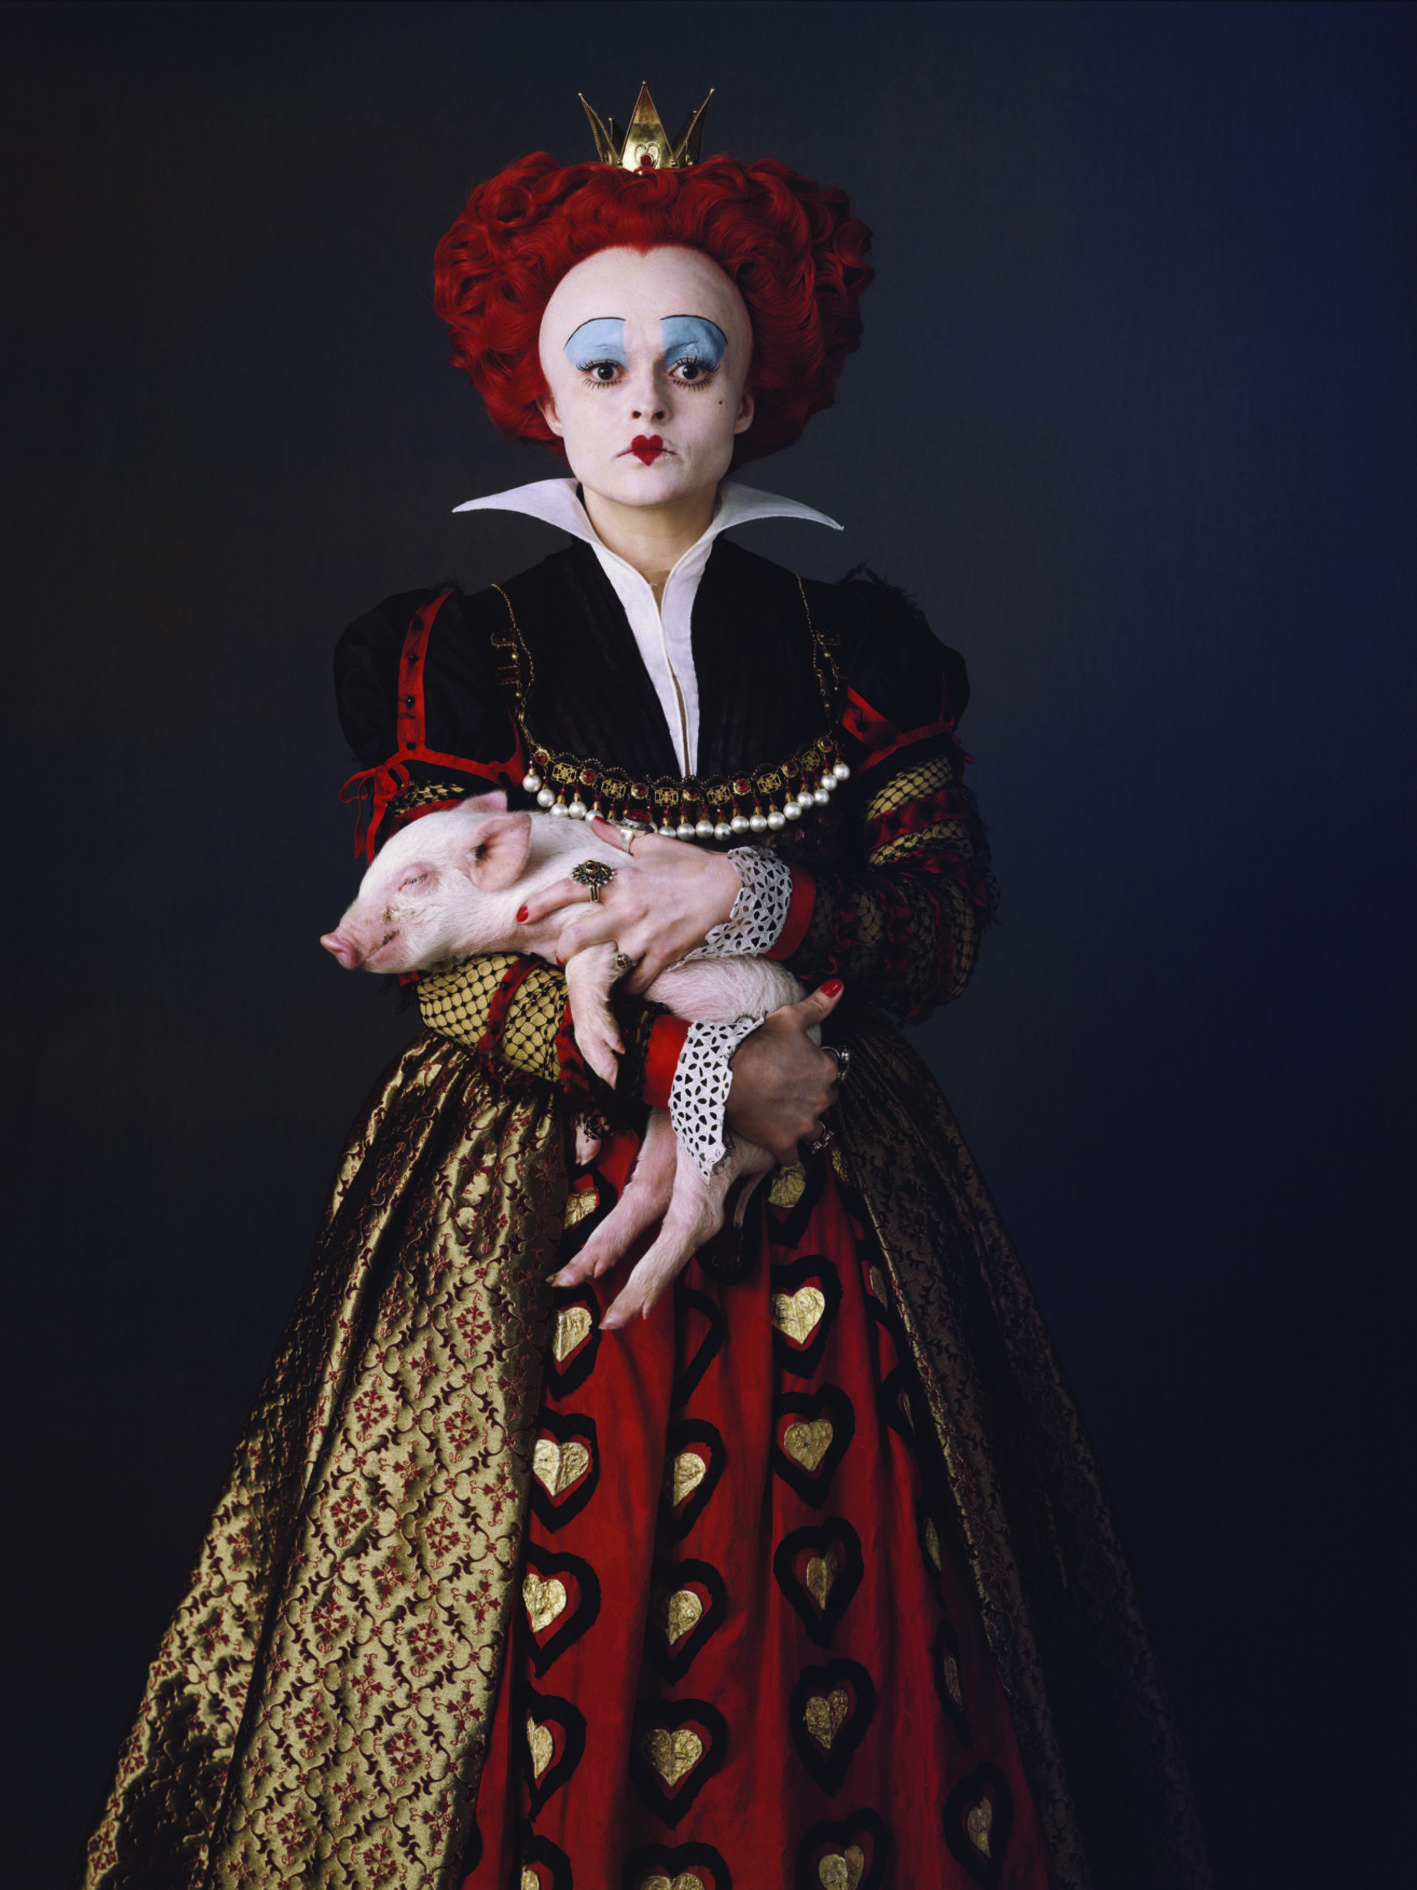 Reine De Coeur Alice Recherche Google Alice Au Pays Des Merveilles Pays Des Merveilles Alice Aux Pays Des Merveilles